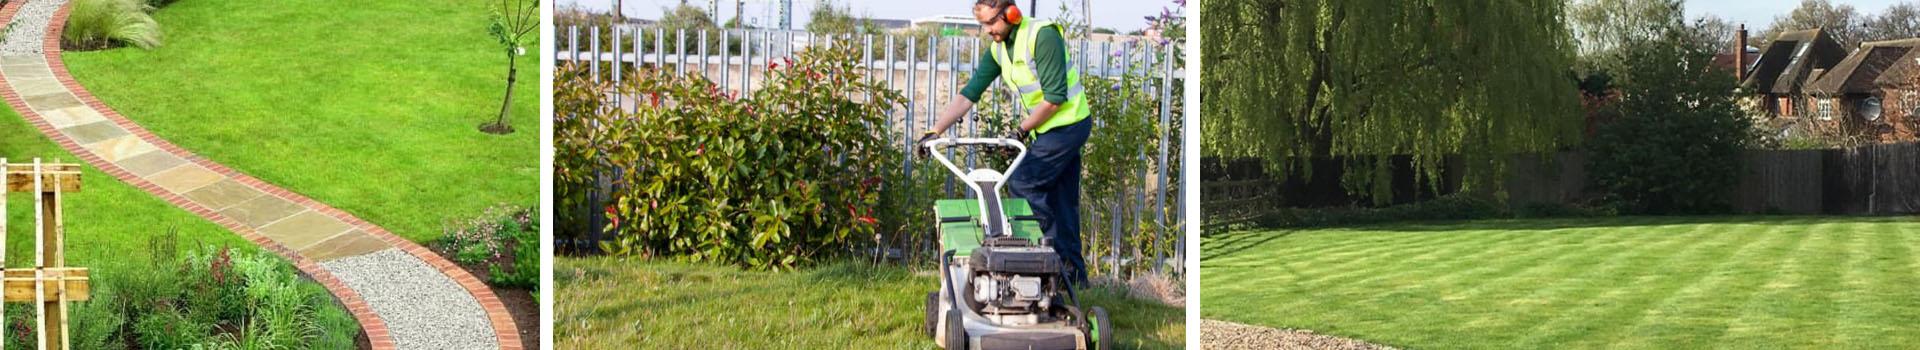 Dudley Gardener